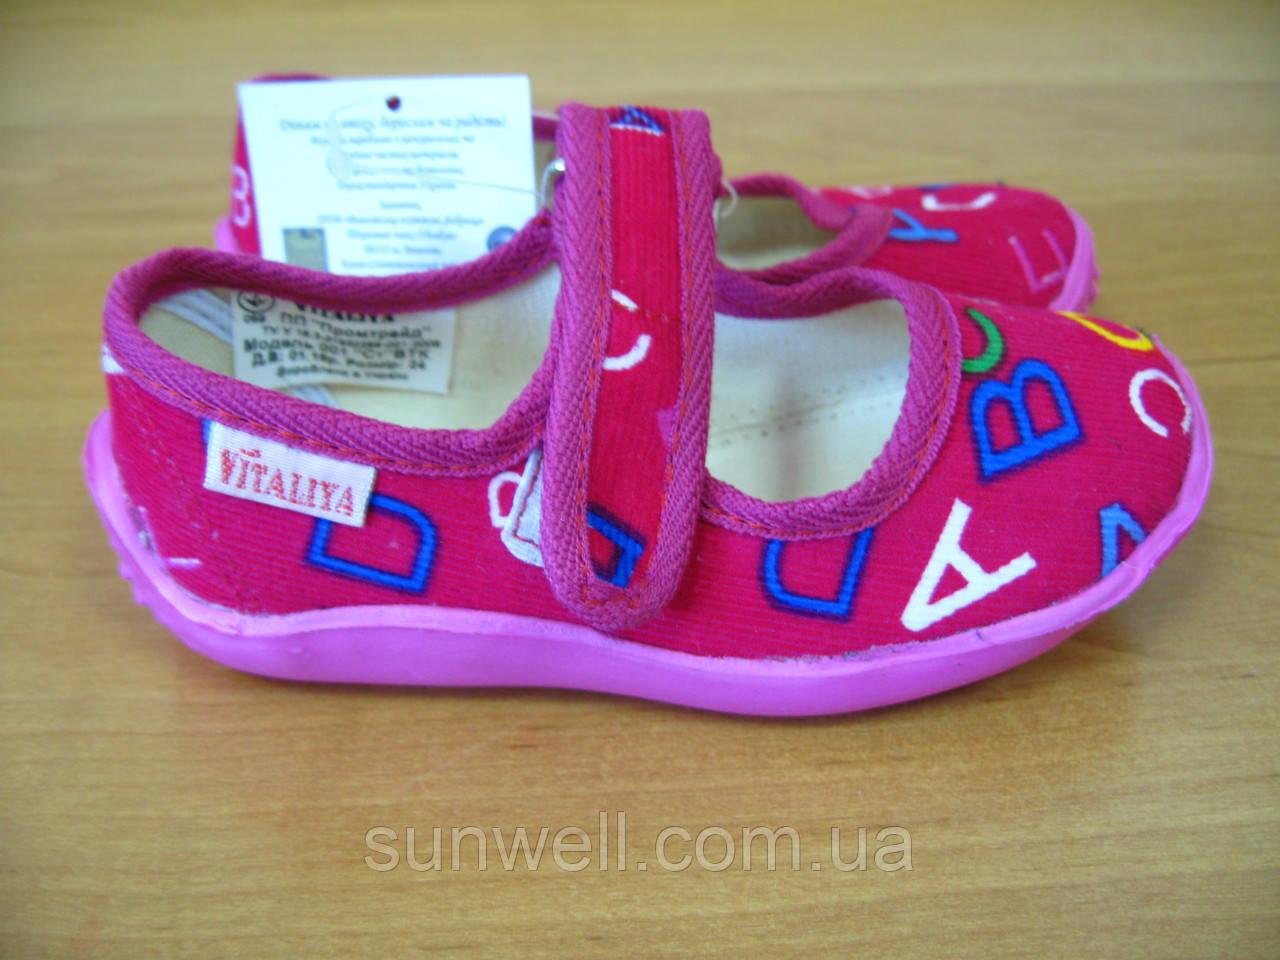 Тапочки в садок на дівчинку, текстильна взуття Vitaliya, ТМ Віталія Україна, р-р 23, 25, 25,5